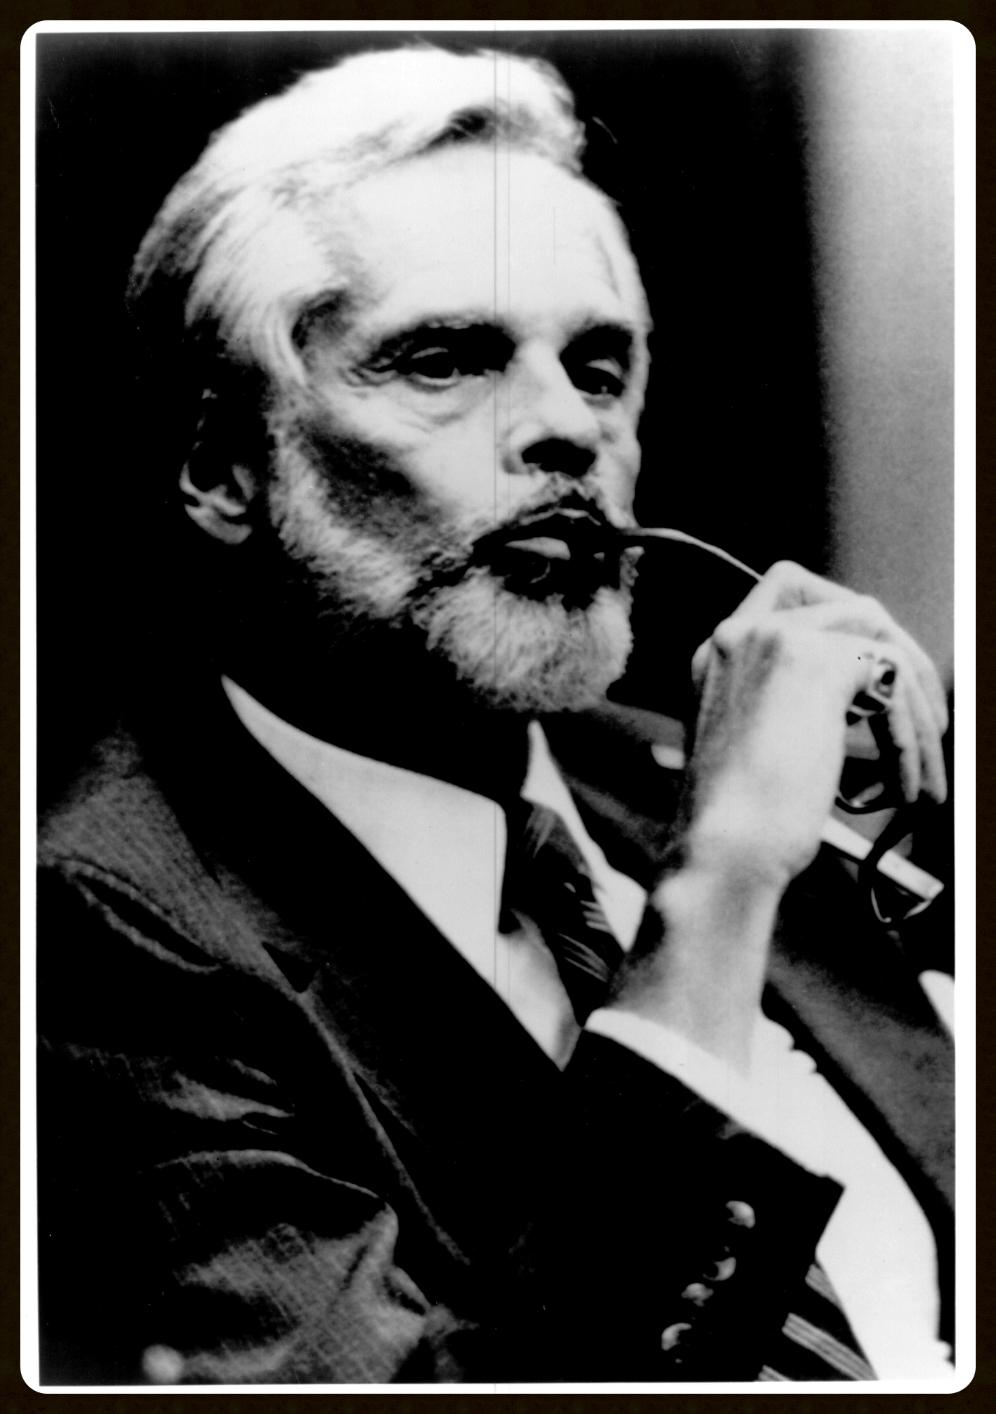 Ellis S. Rubin